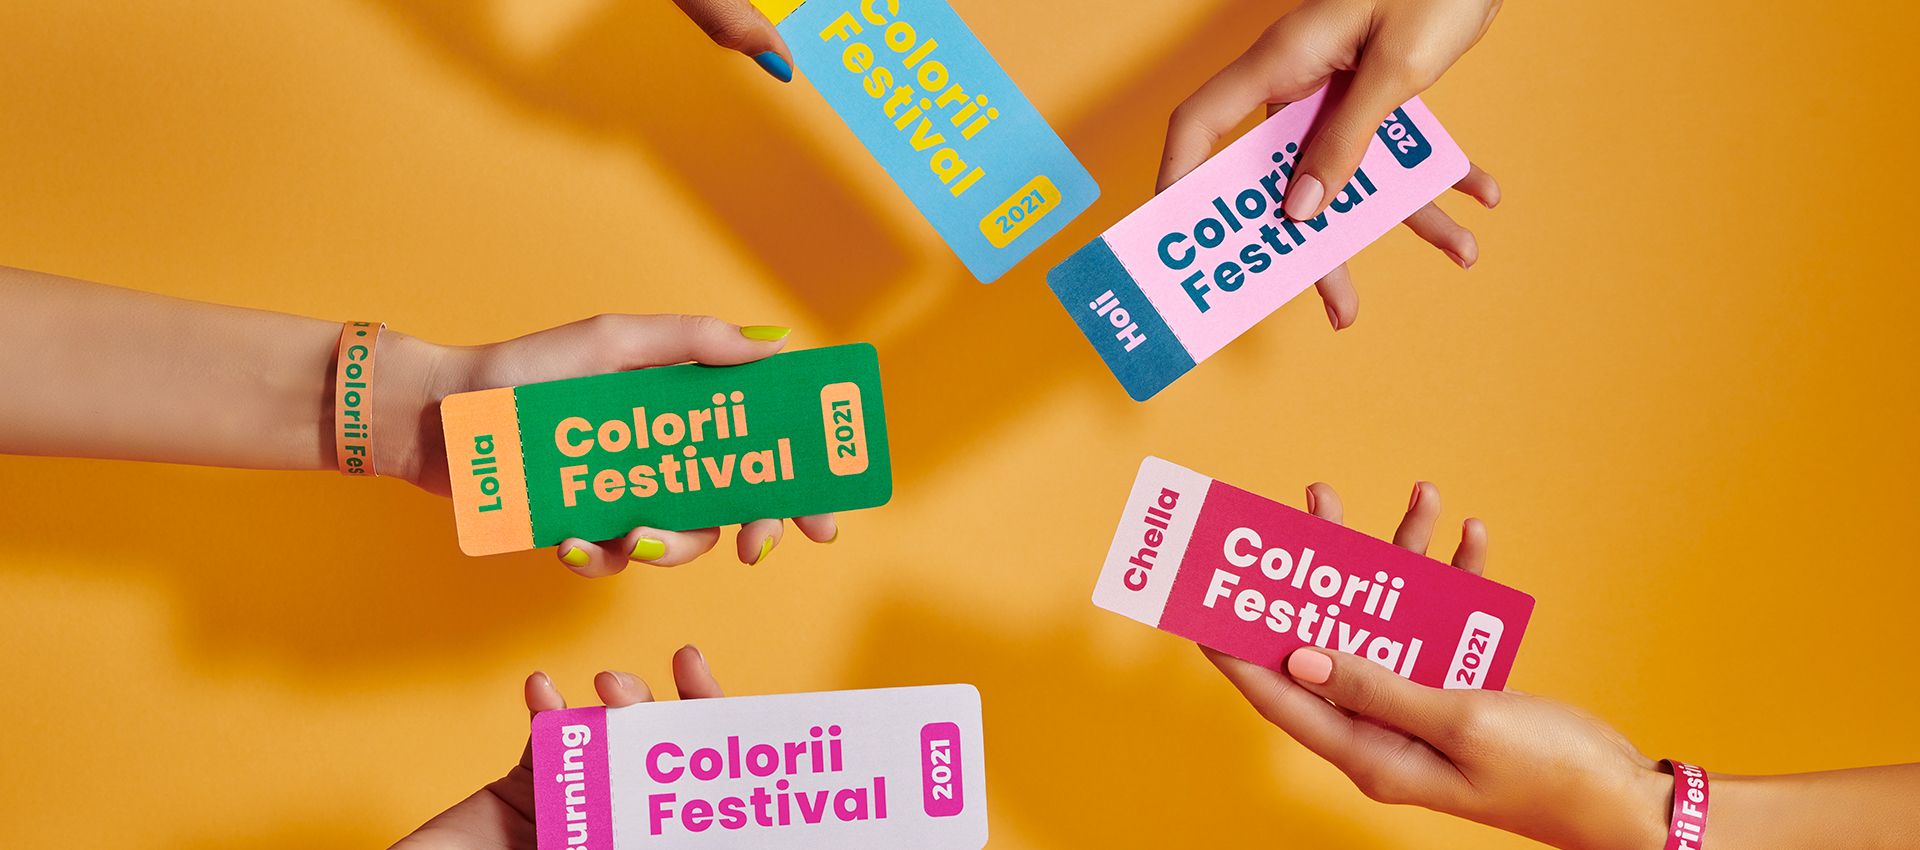 Colorii - Festival